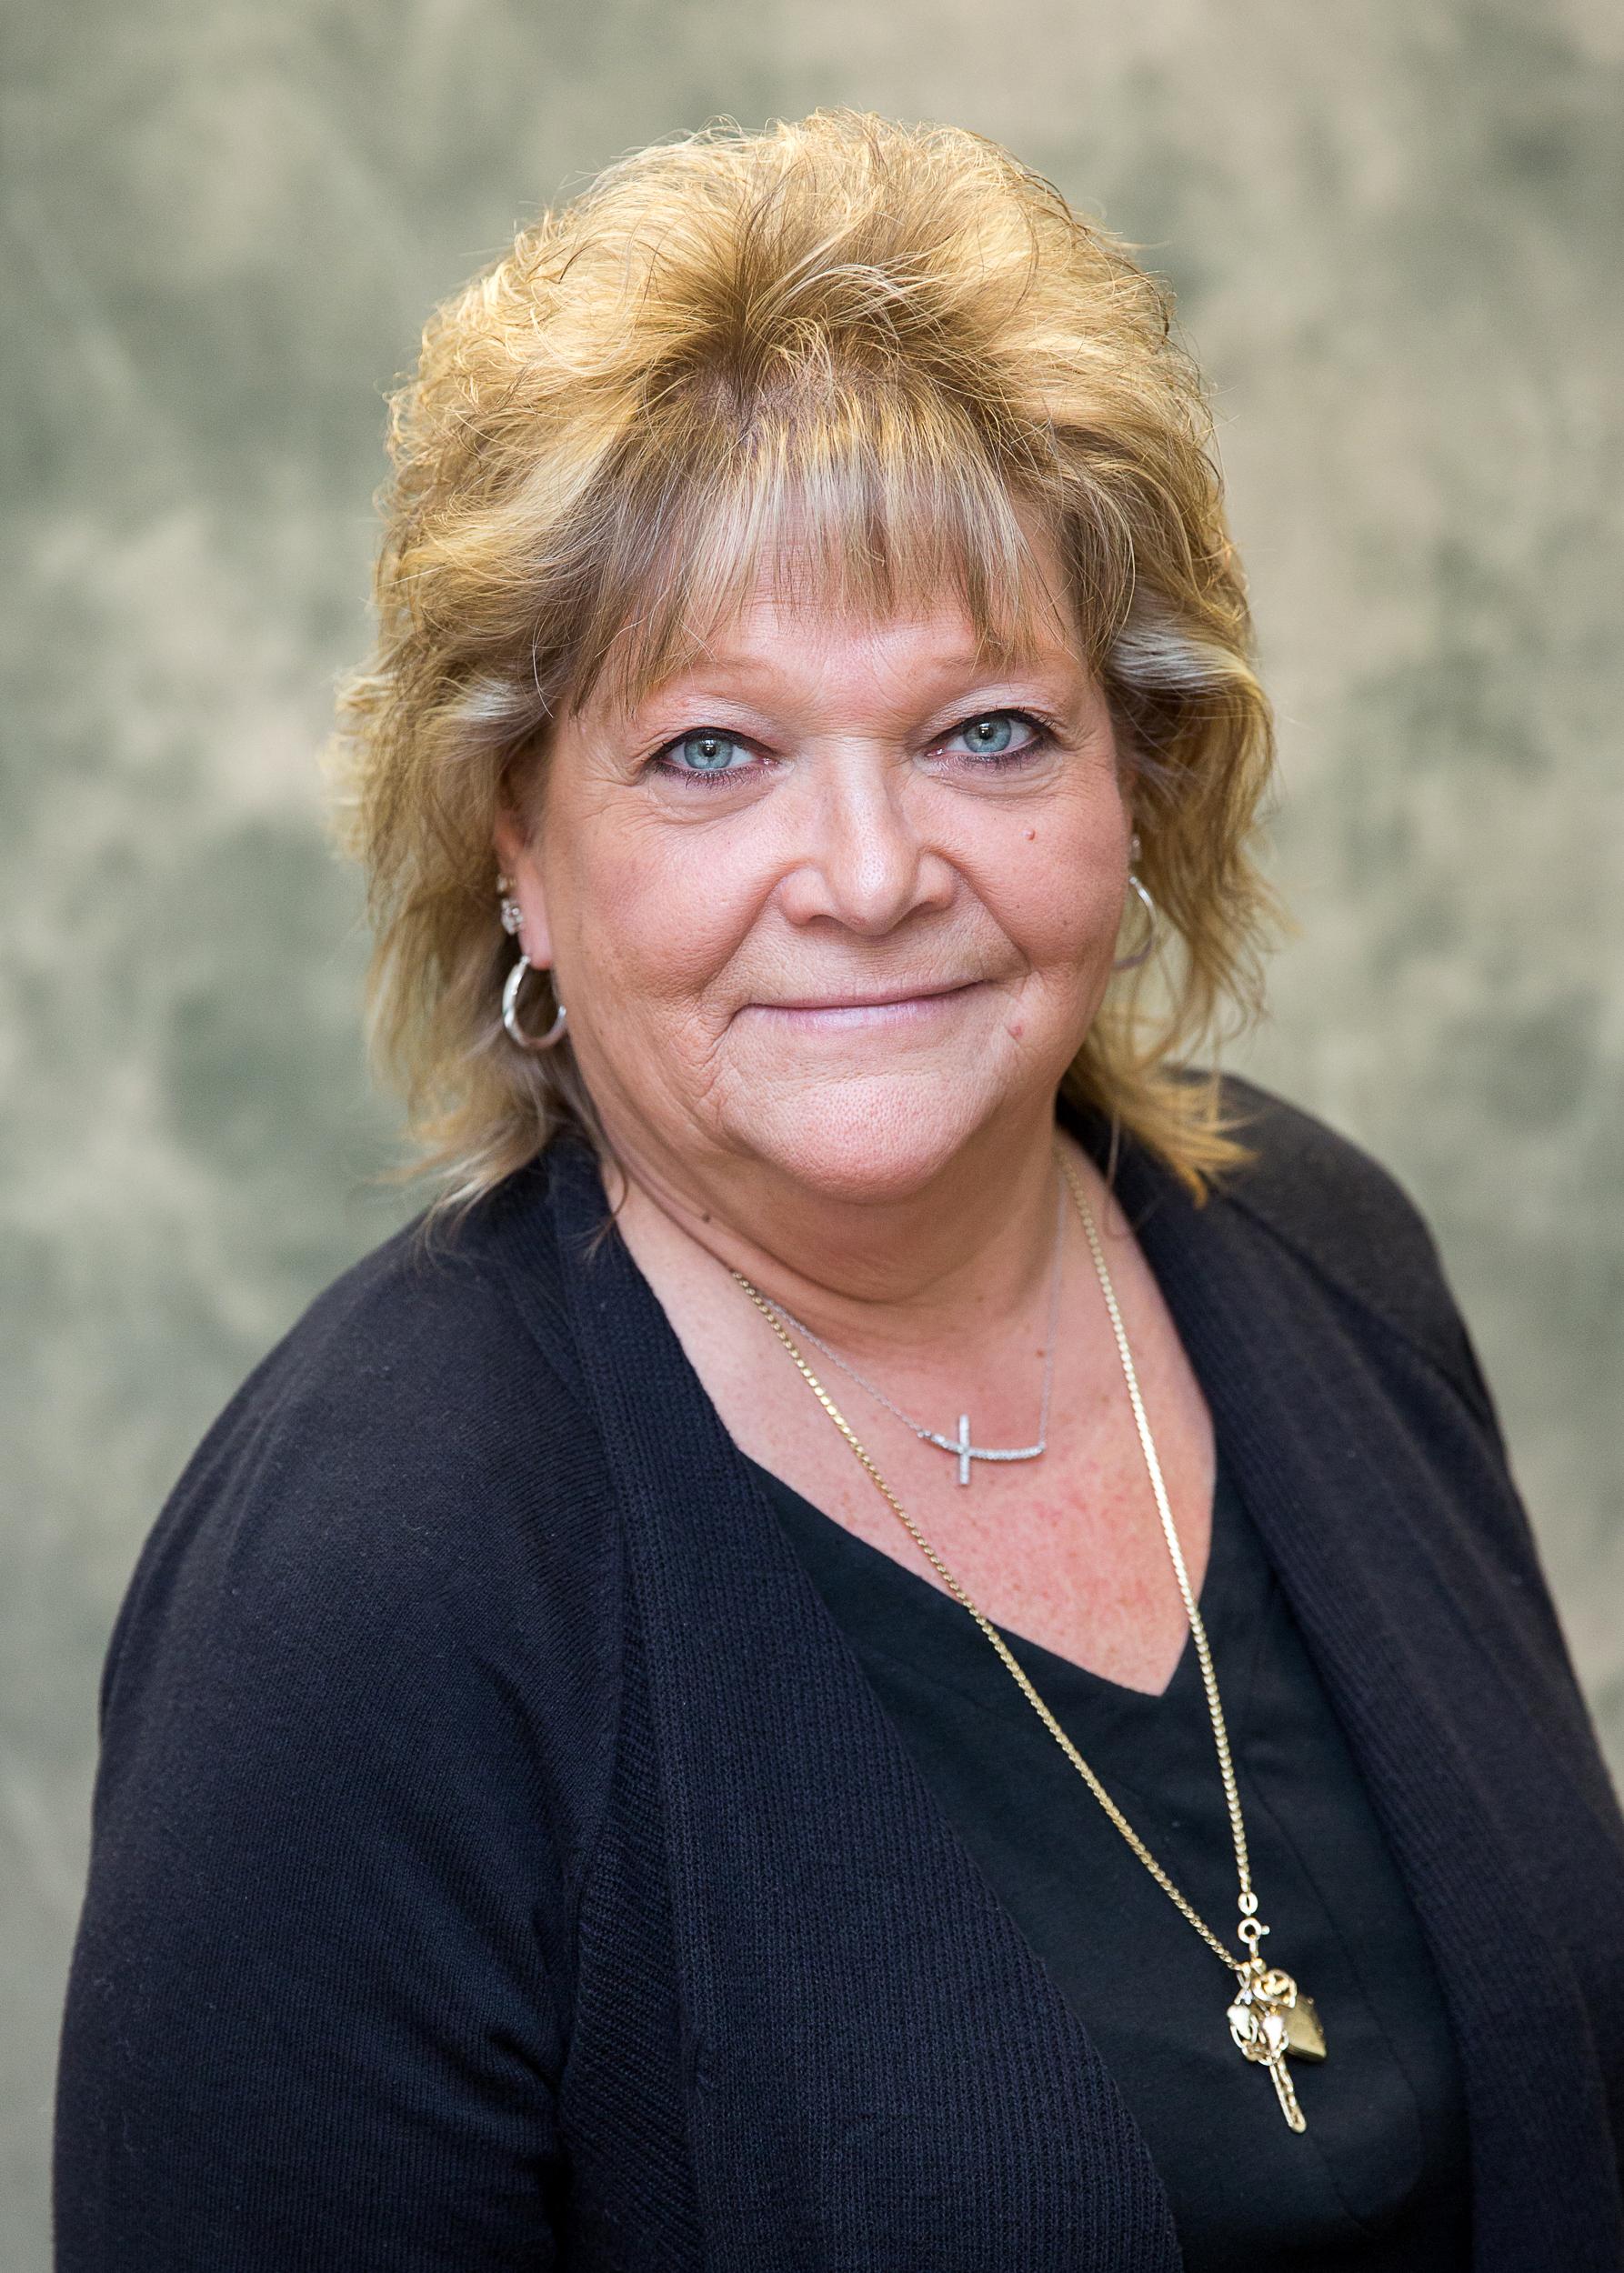 Mary Mannino, Receptionist